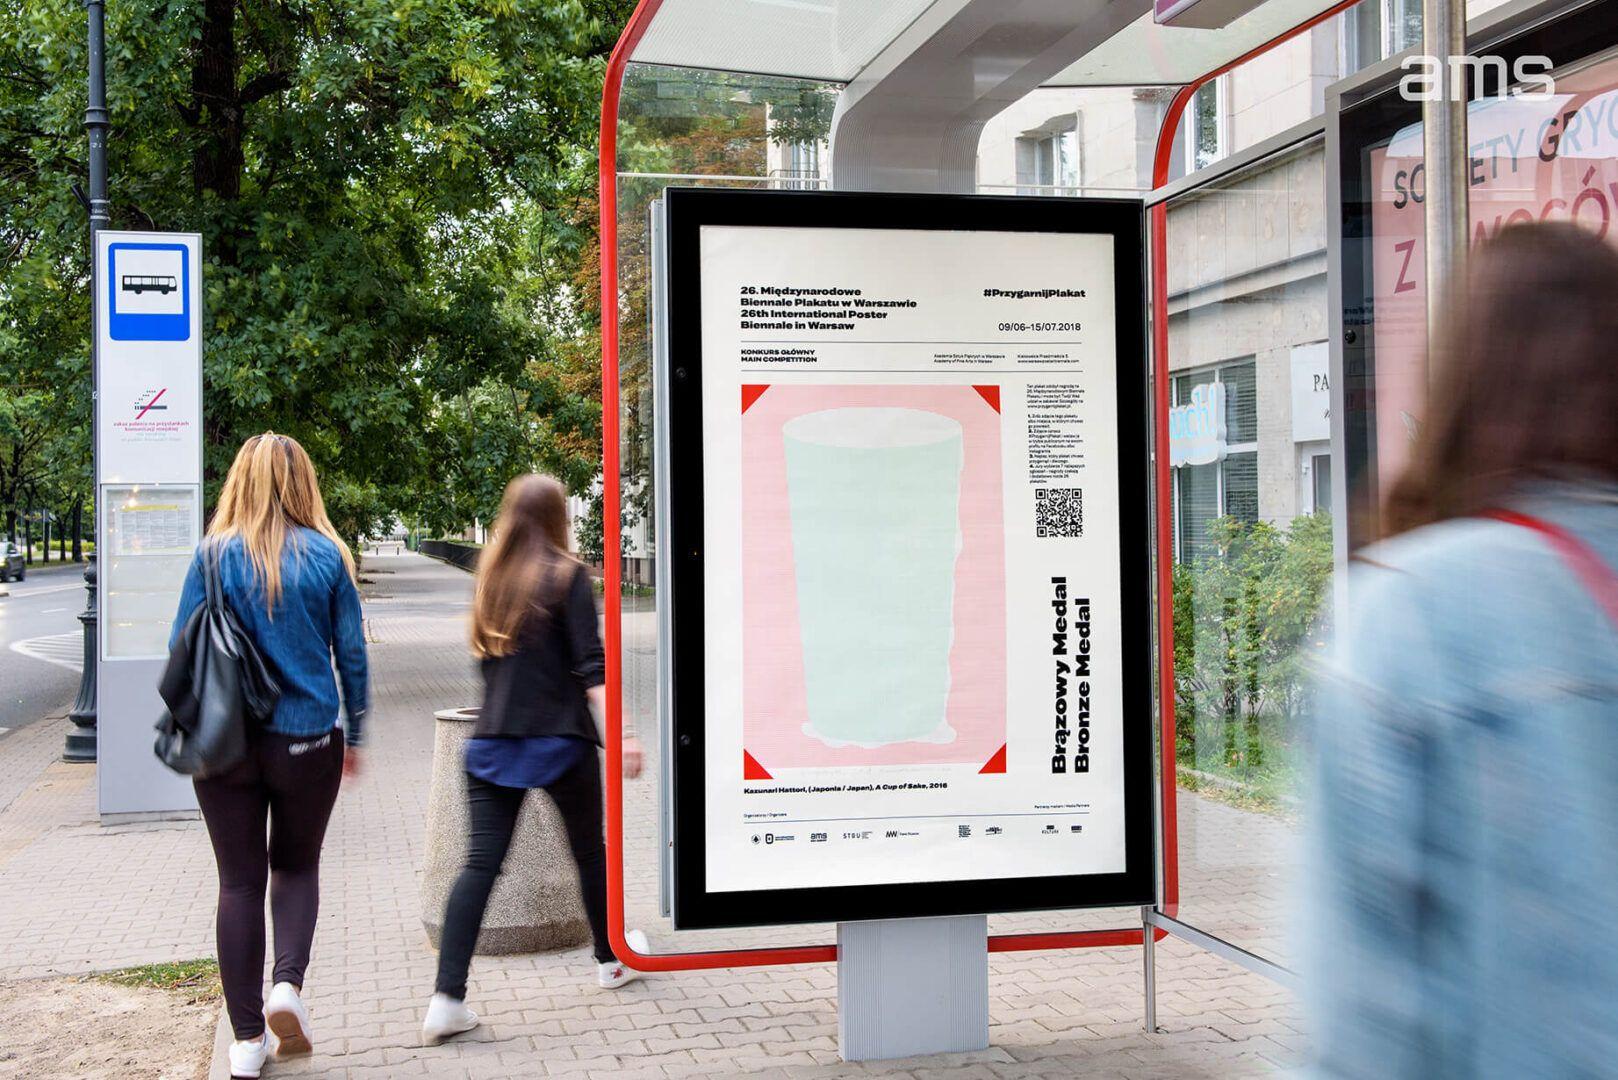 Przygarnij Plakat Specjalna Kampania Od Ams Dla Asp Ams